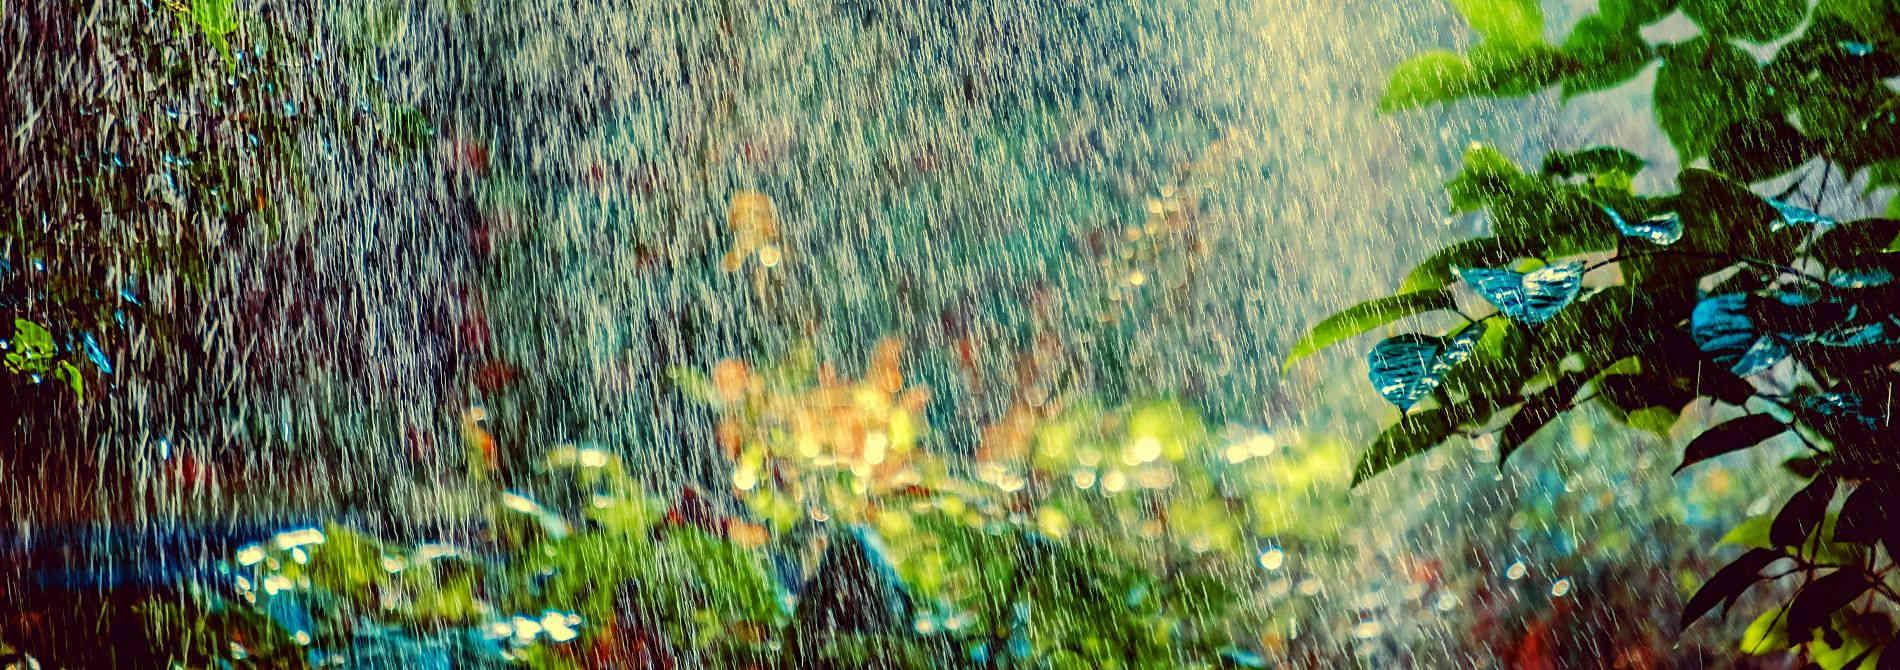 Full Size of Bewässerungssysteme Garten Test Spielhaus Jacuzzi Trennwände Sichtschutz Pool Guenstig Kaufen Gartenüberdachung Hochbeet Stapelstuhl Wassertank Wohnen Und Garten Bewässerungssysteme Garten Test